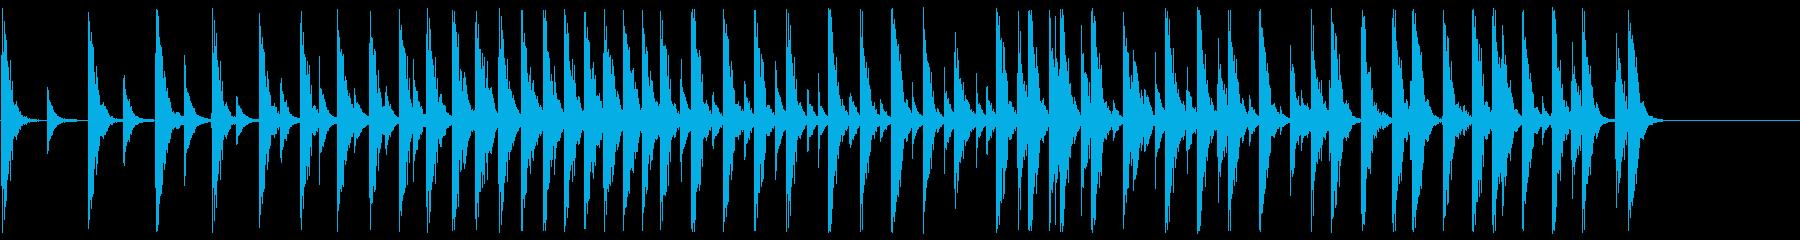 寄せ太鼓 大相撲のアレです。の再生済みの波形